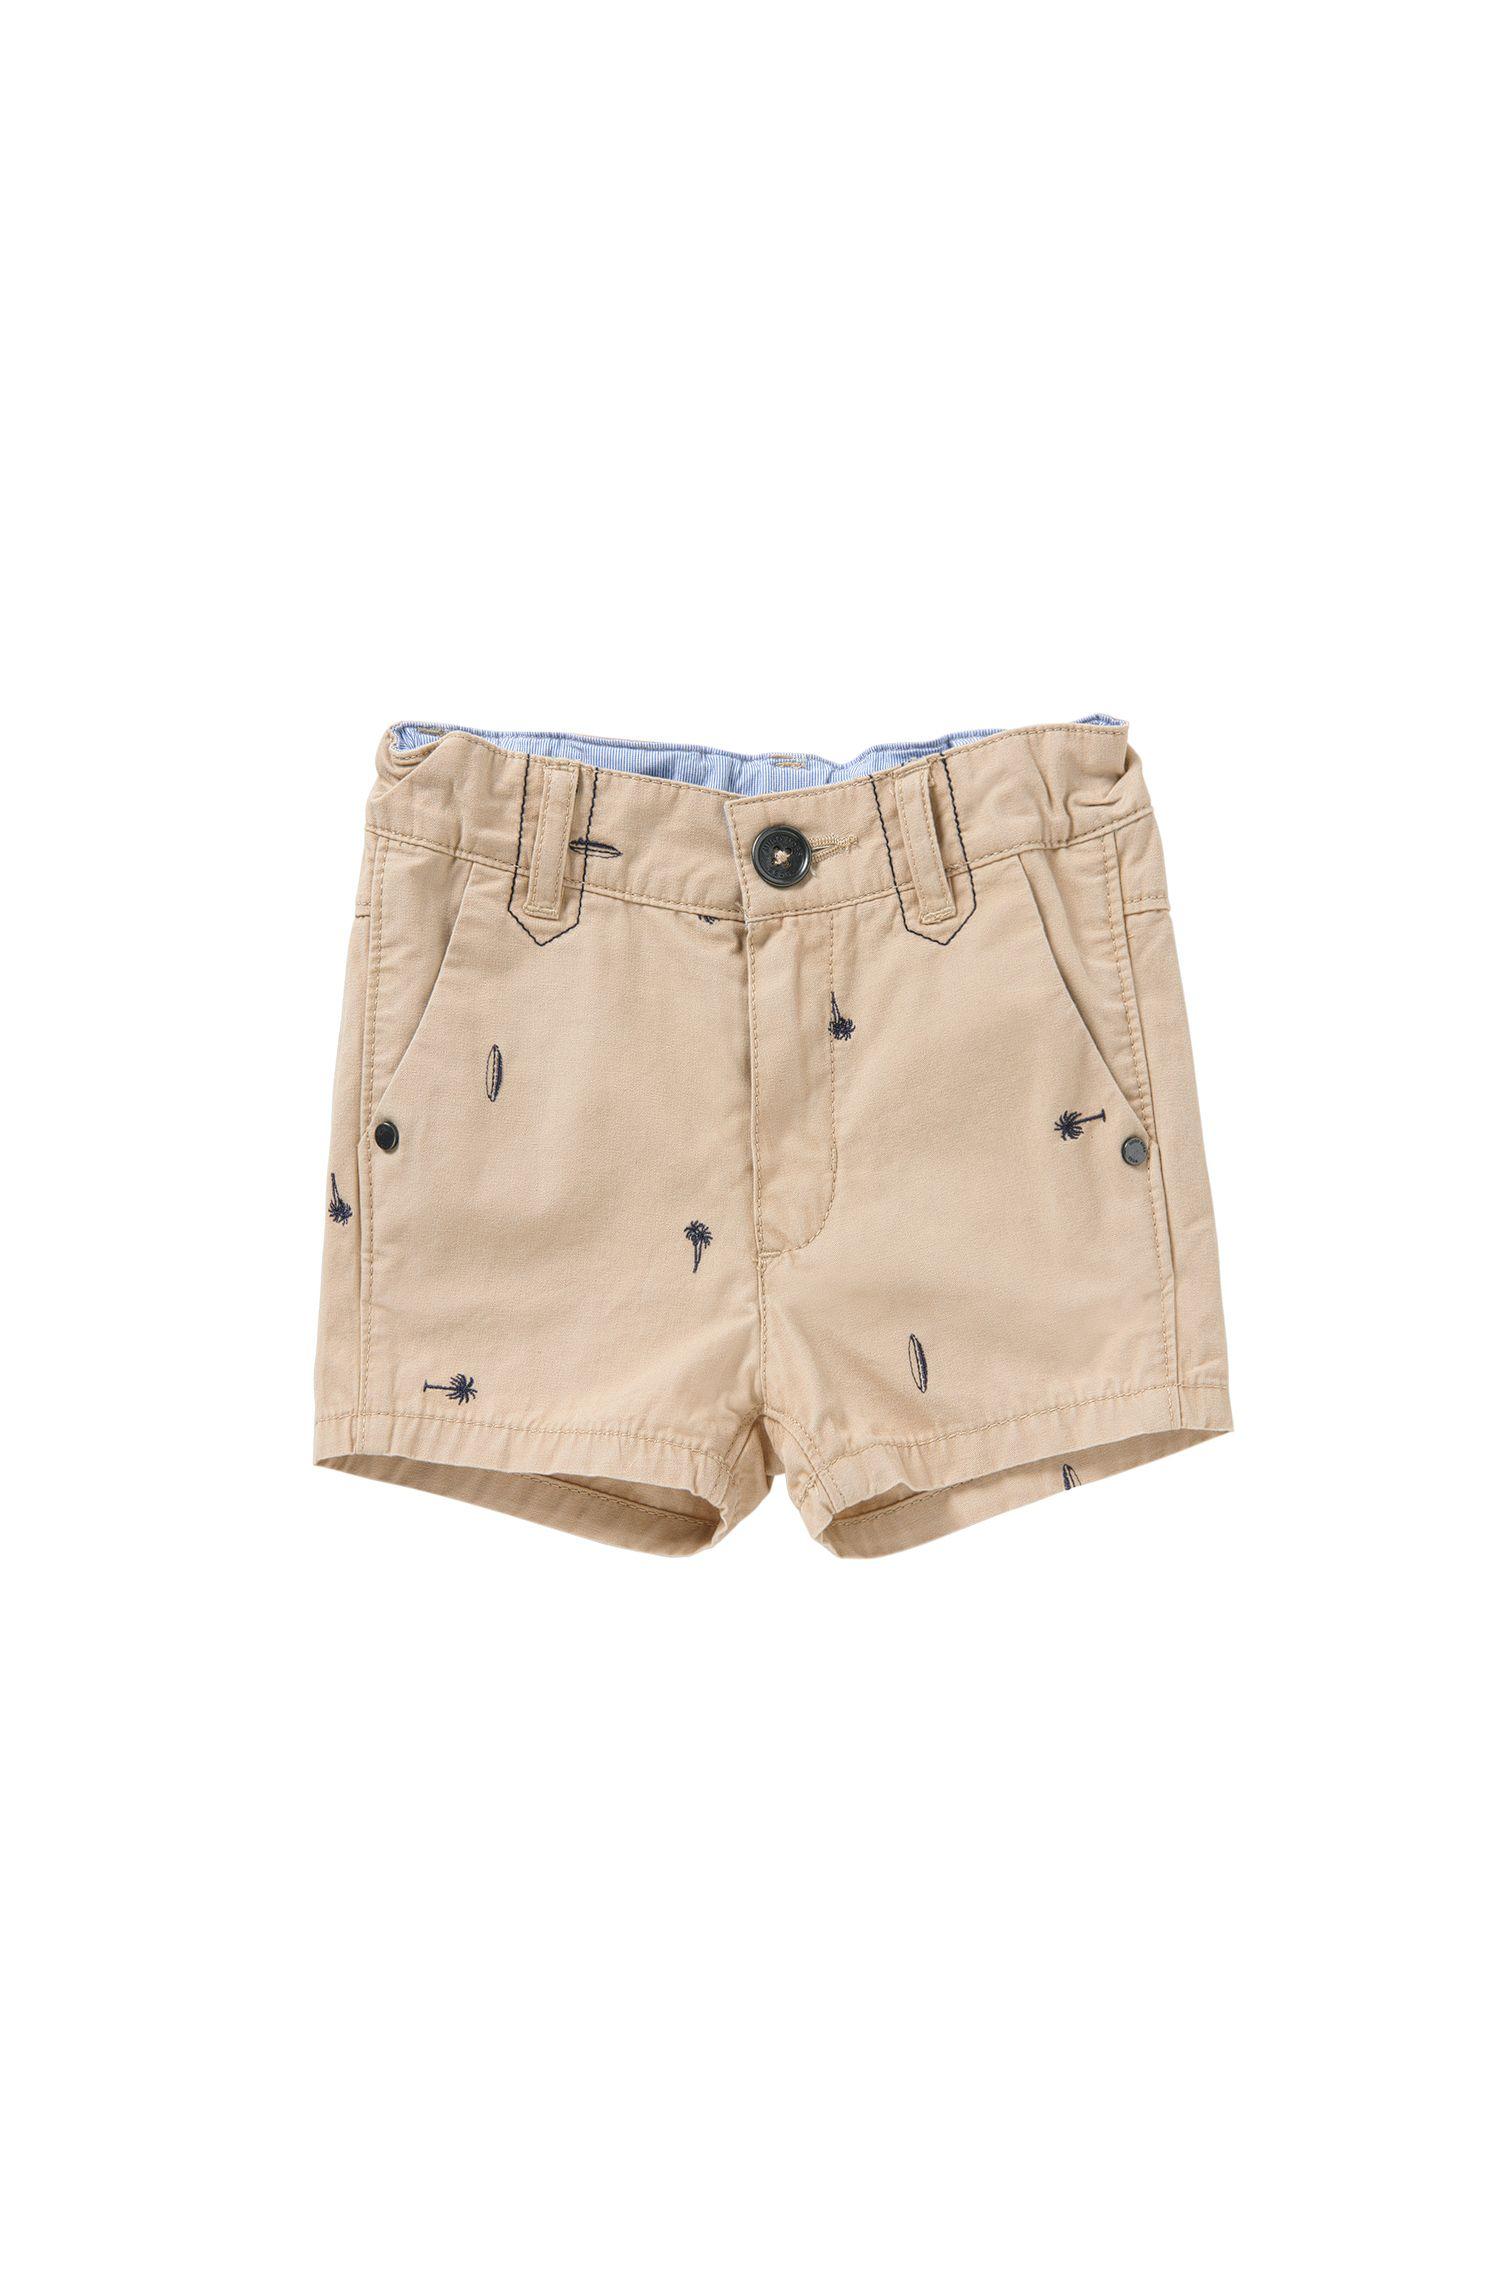 Short pour bébé en coton, orné de broderies: «J04219»